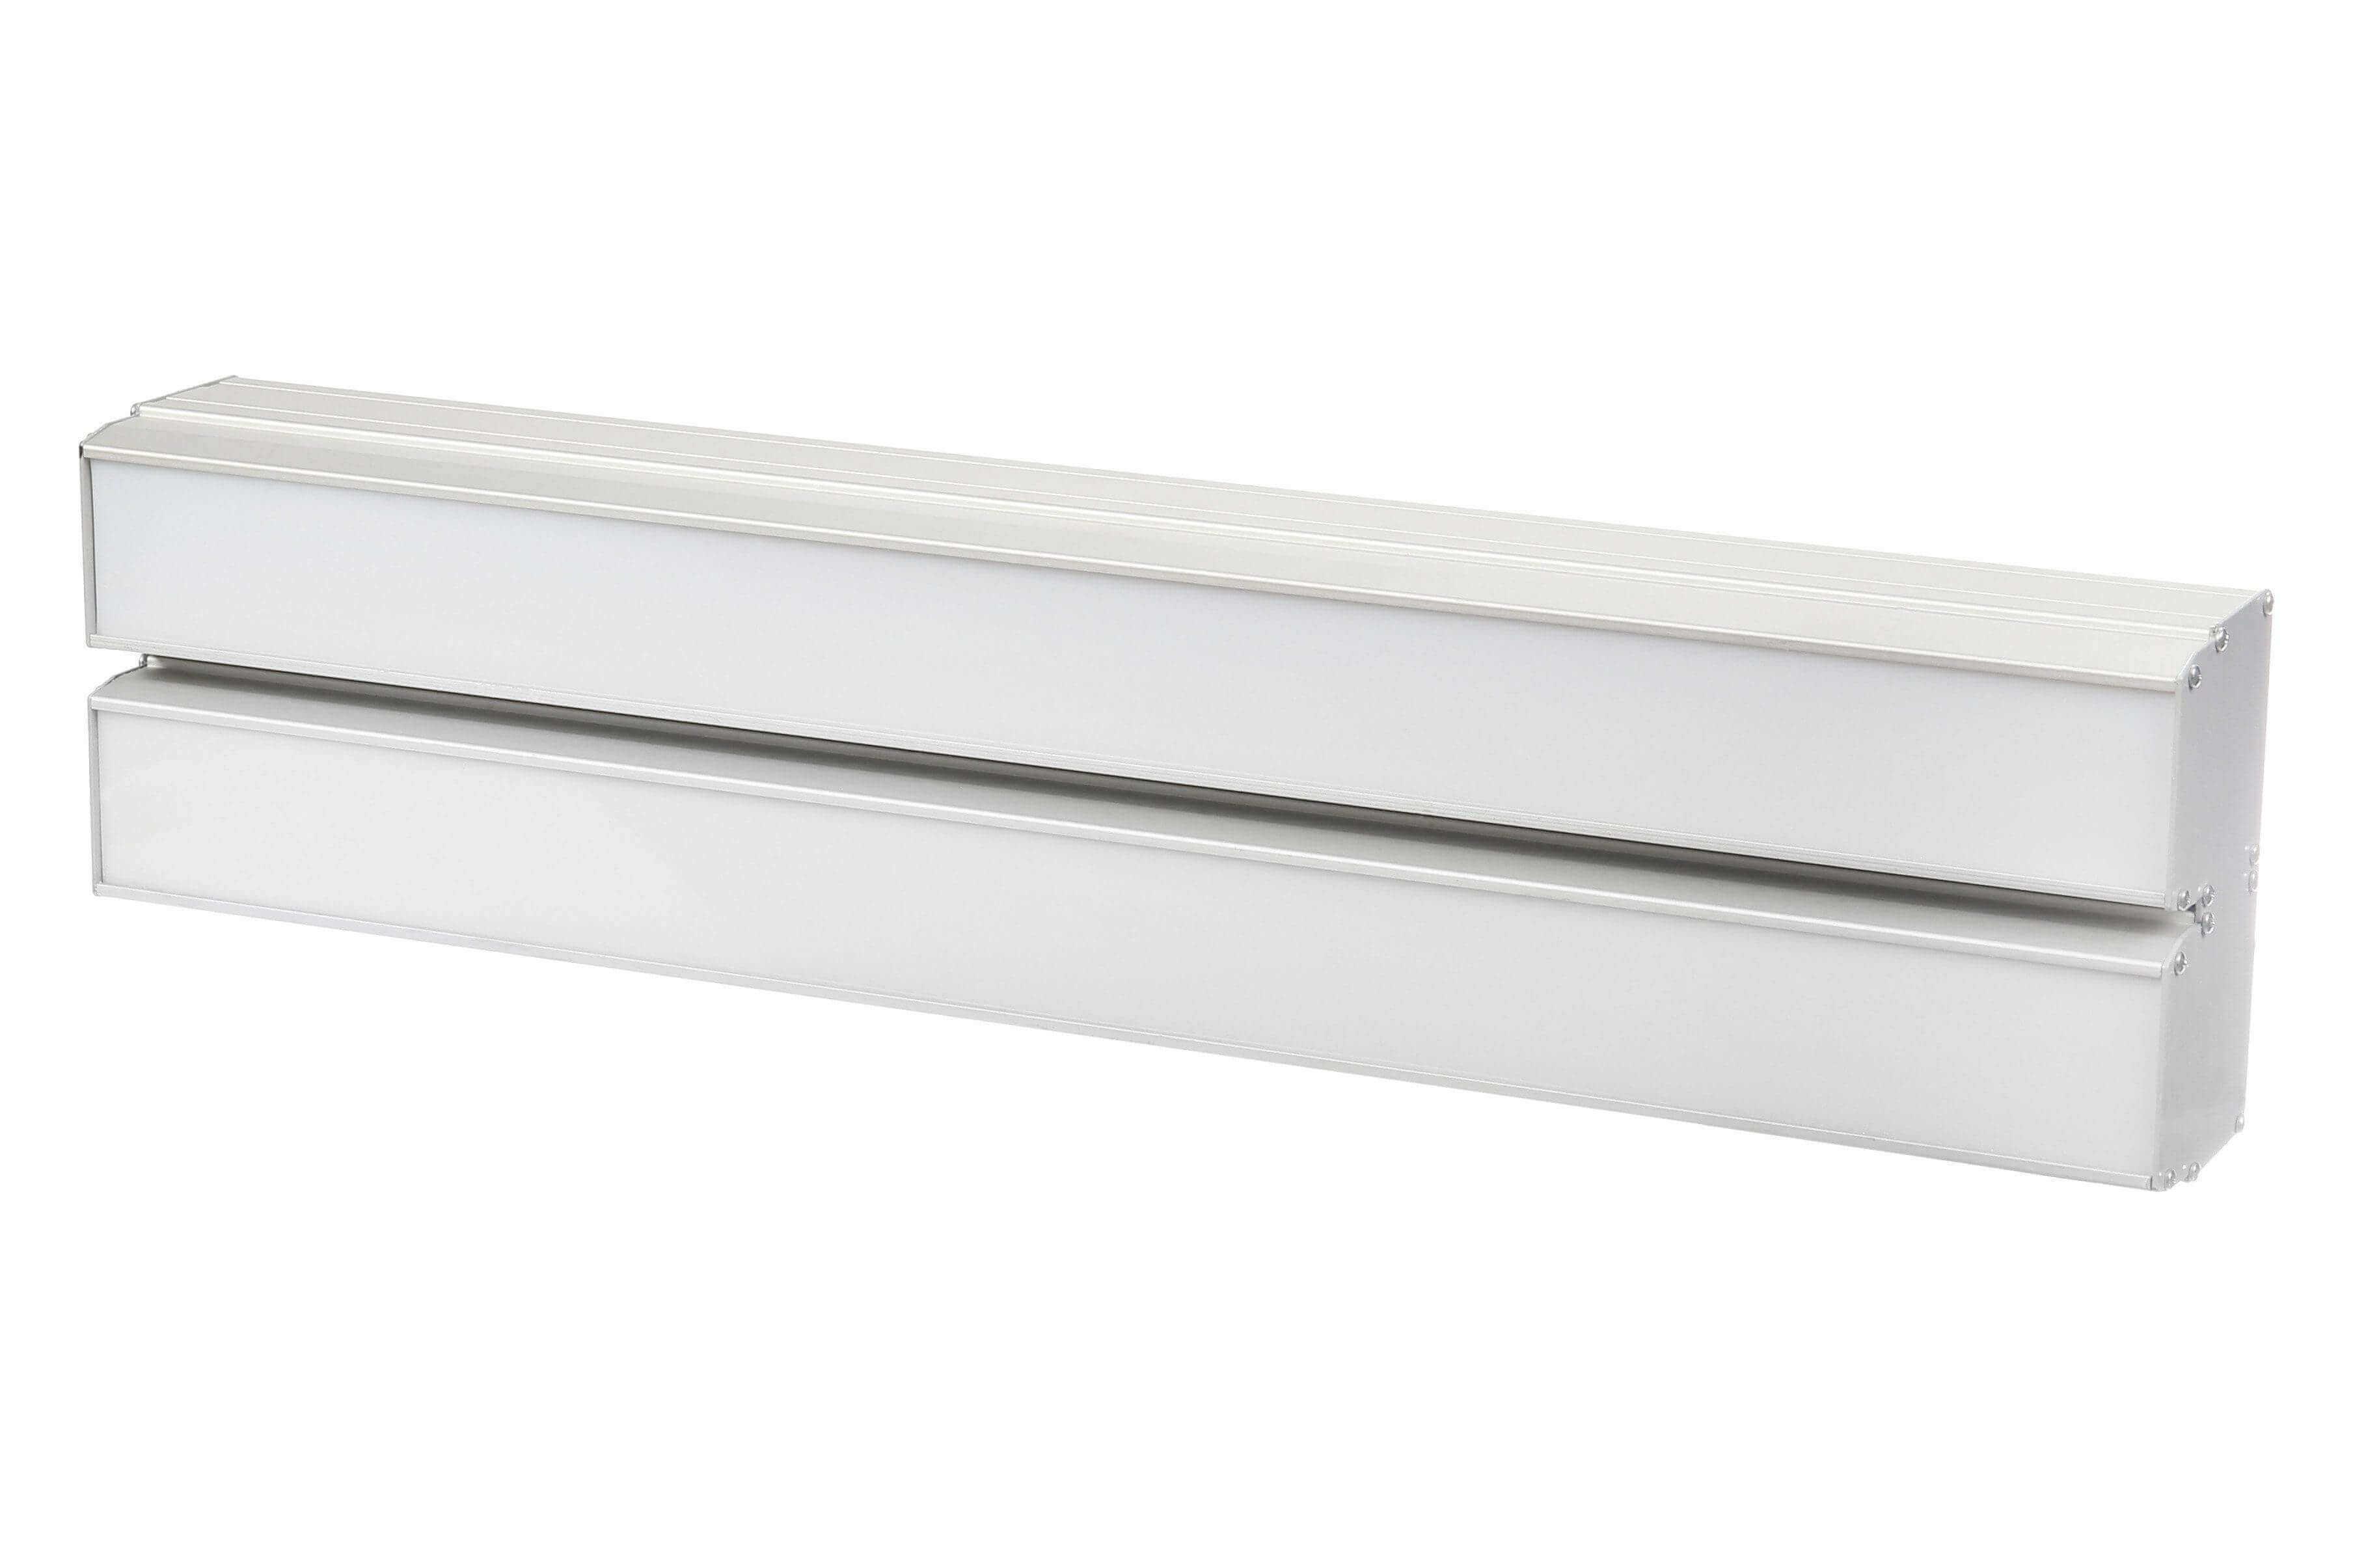 Светодиодный светильник LEDcraft LC-60-2PR-DW 60 Ватт IP20 (897 мм) Нейтральный Опал